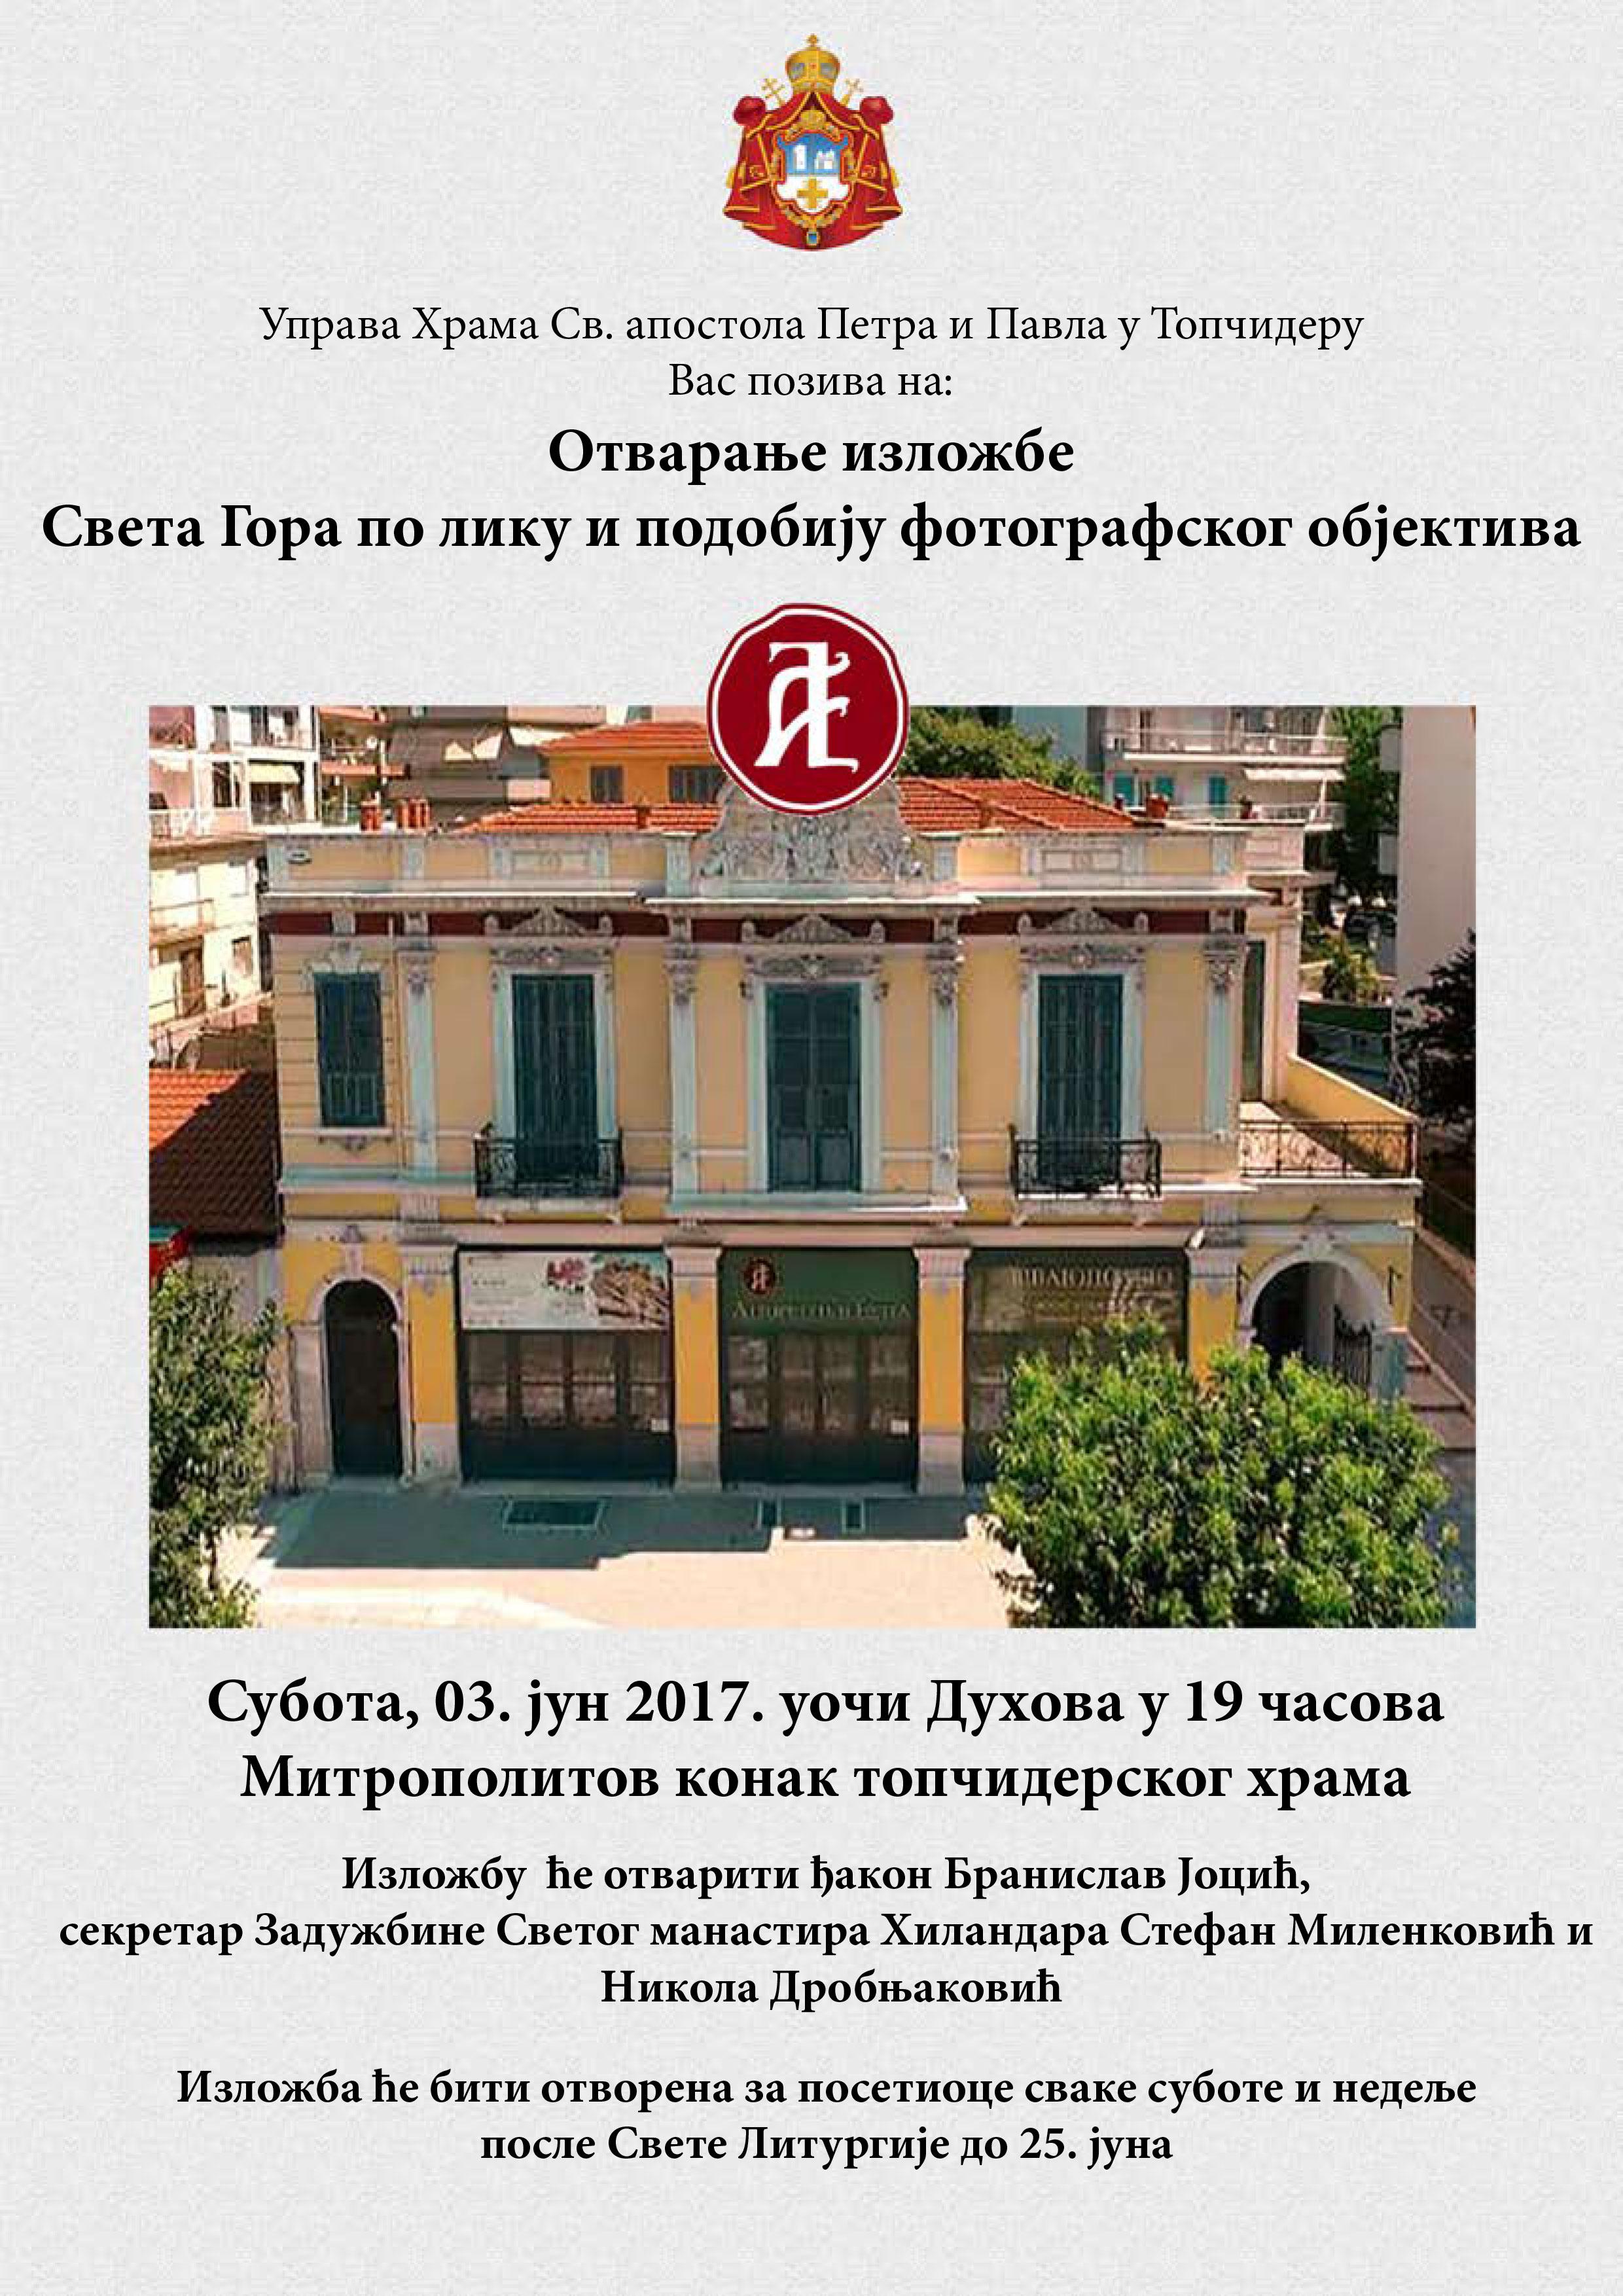 """Изложба """"Света Гора по лику и подобију фотографског објектива"""""""